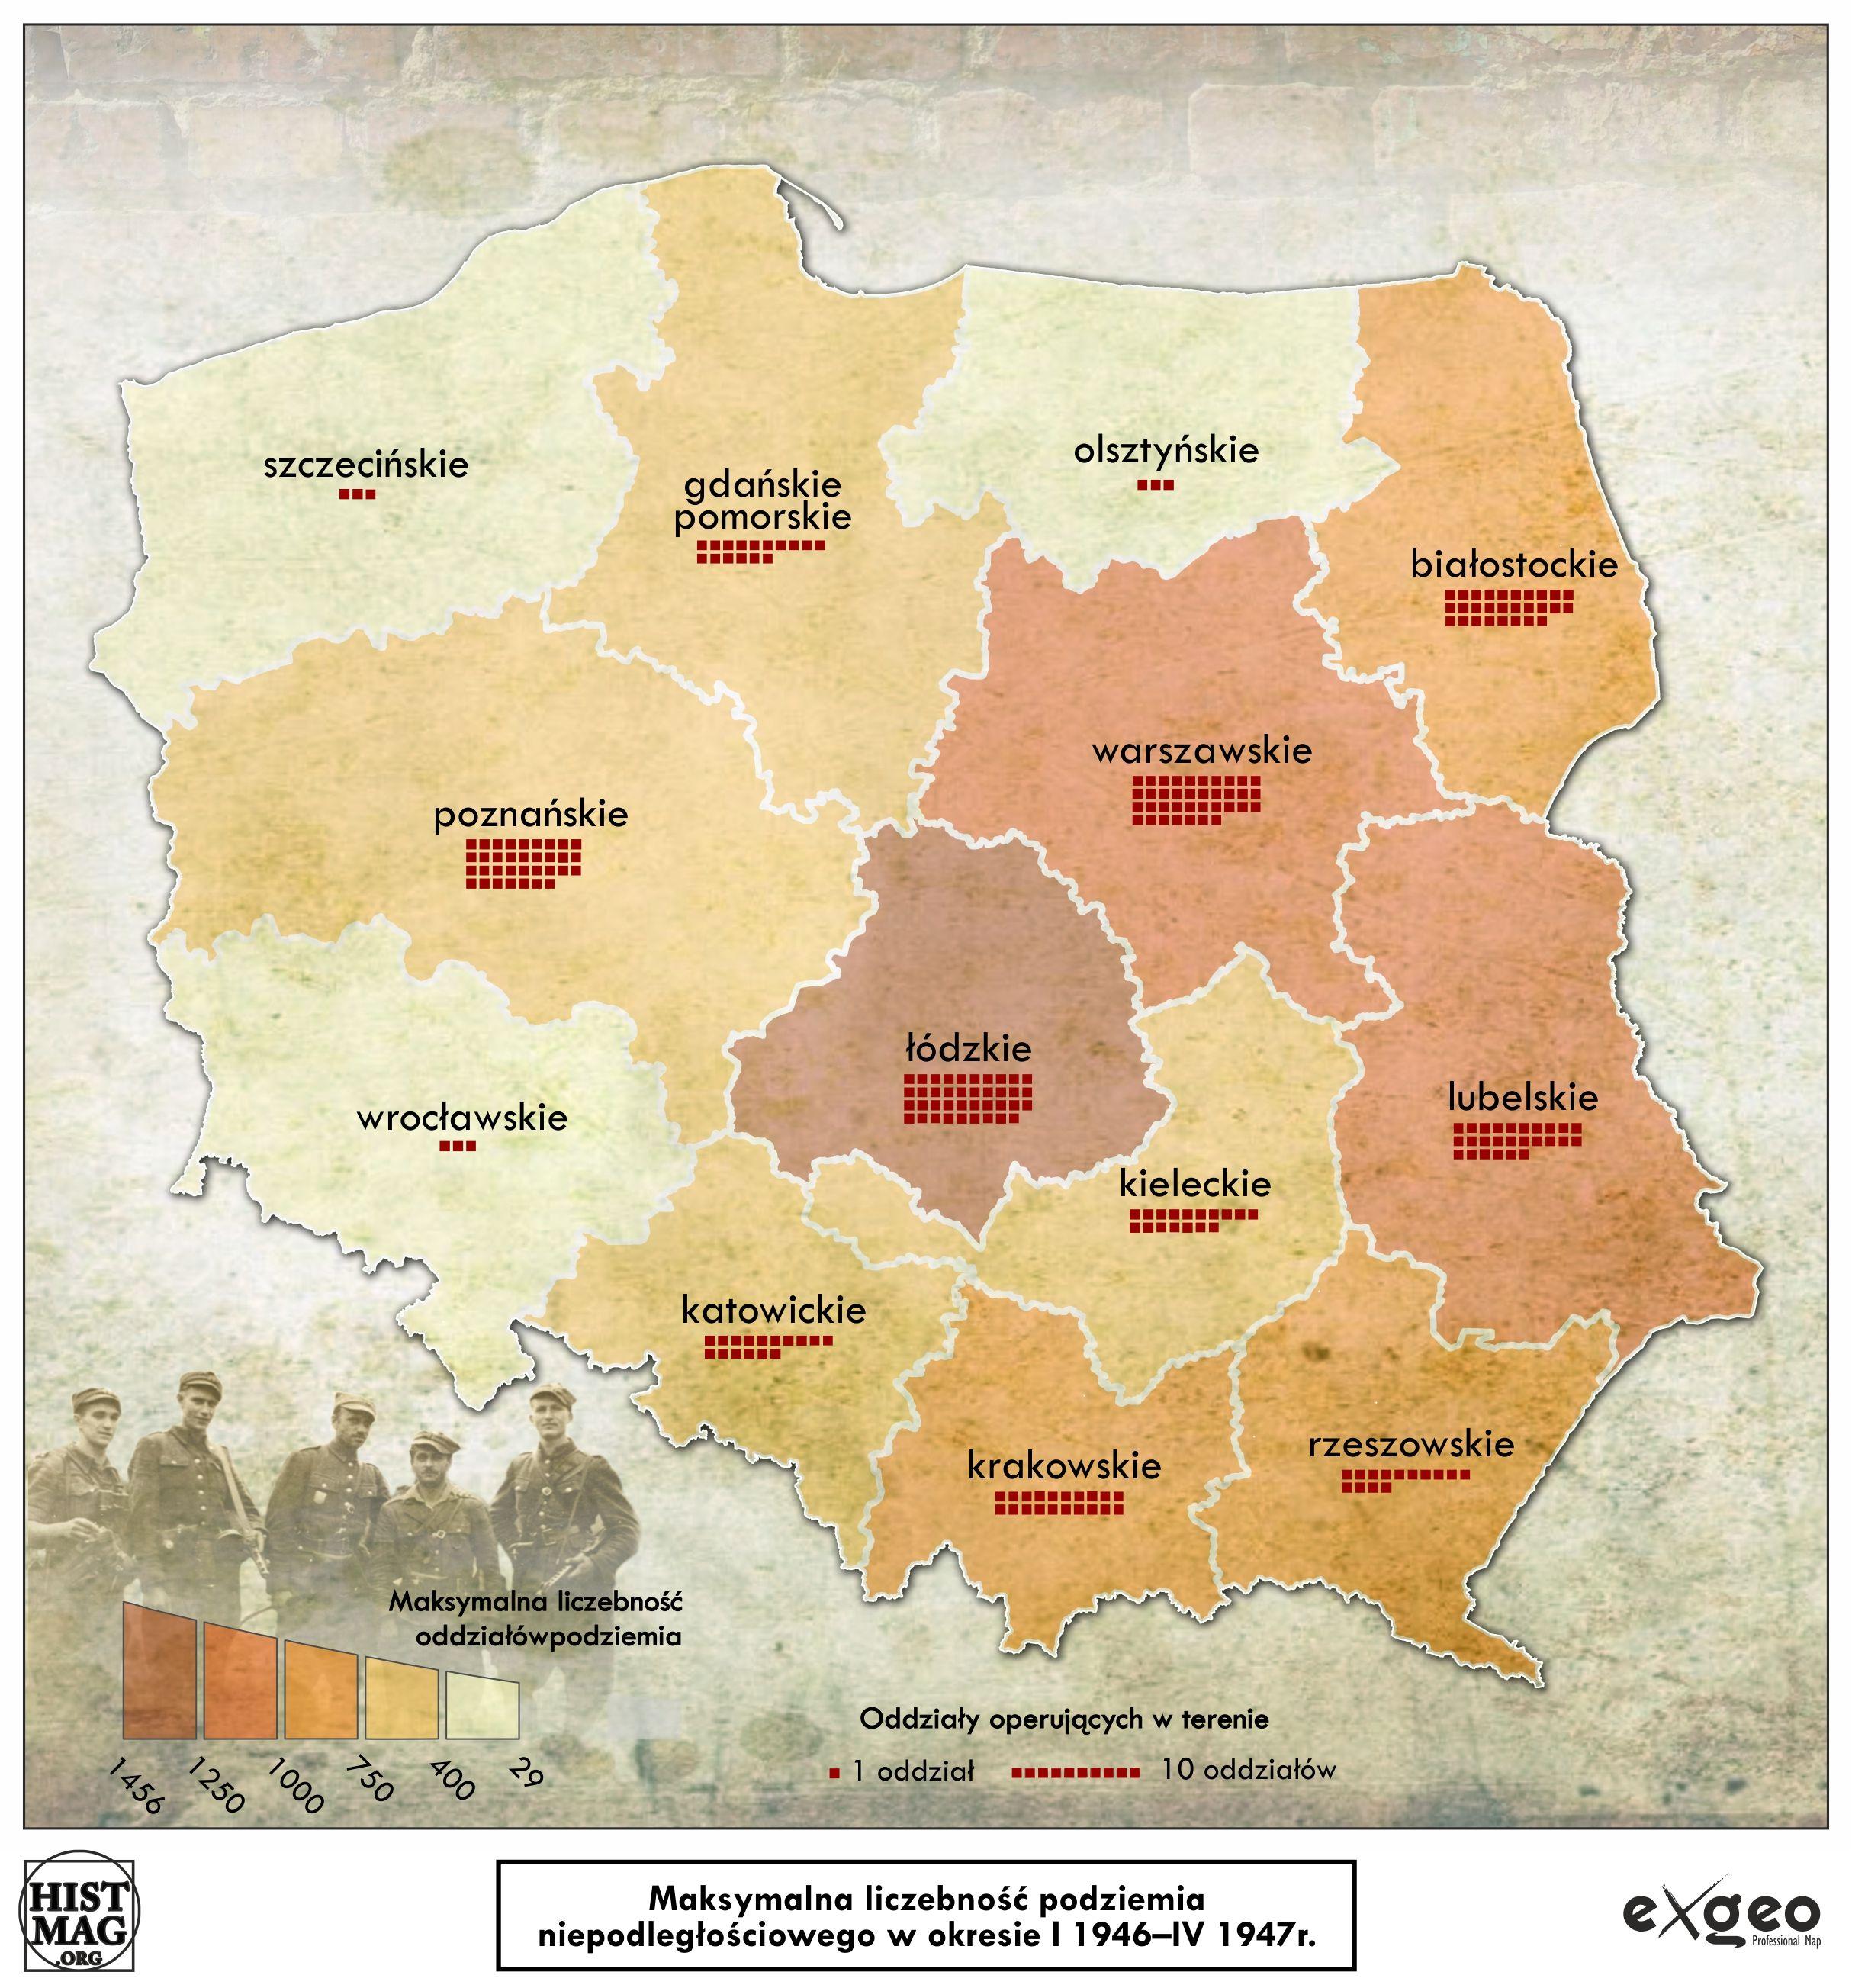 Maksymalna liczebność podziemia niepodległościowego w okresie I 1946 - IV 1947 r. (aut. Marcin Sobiech / EXGEO Professional Map)